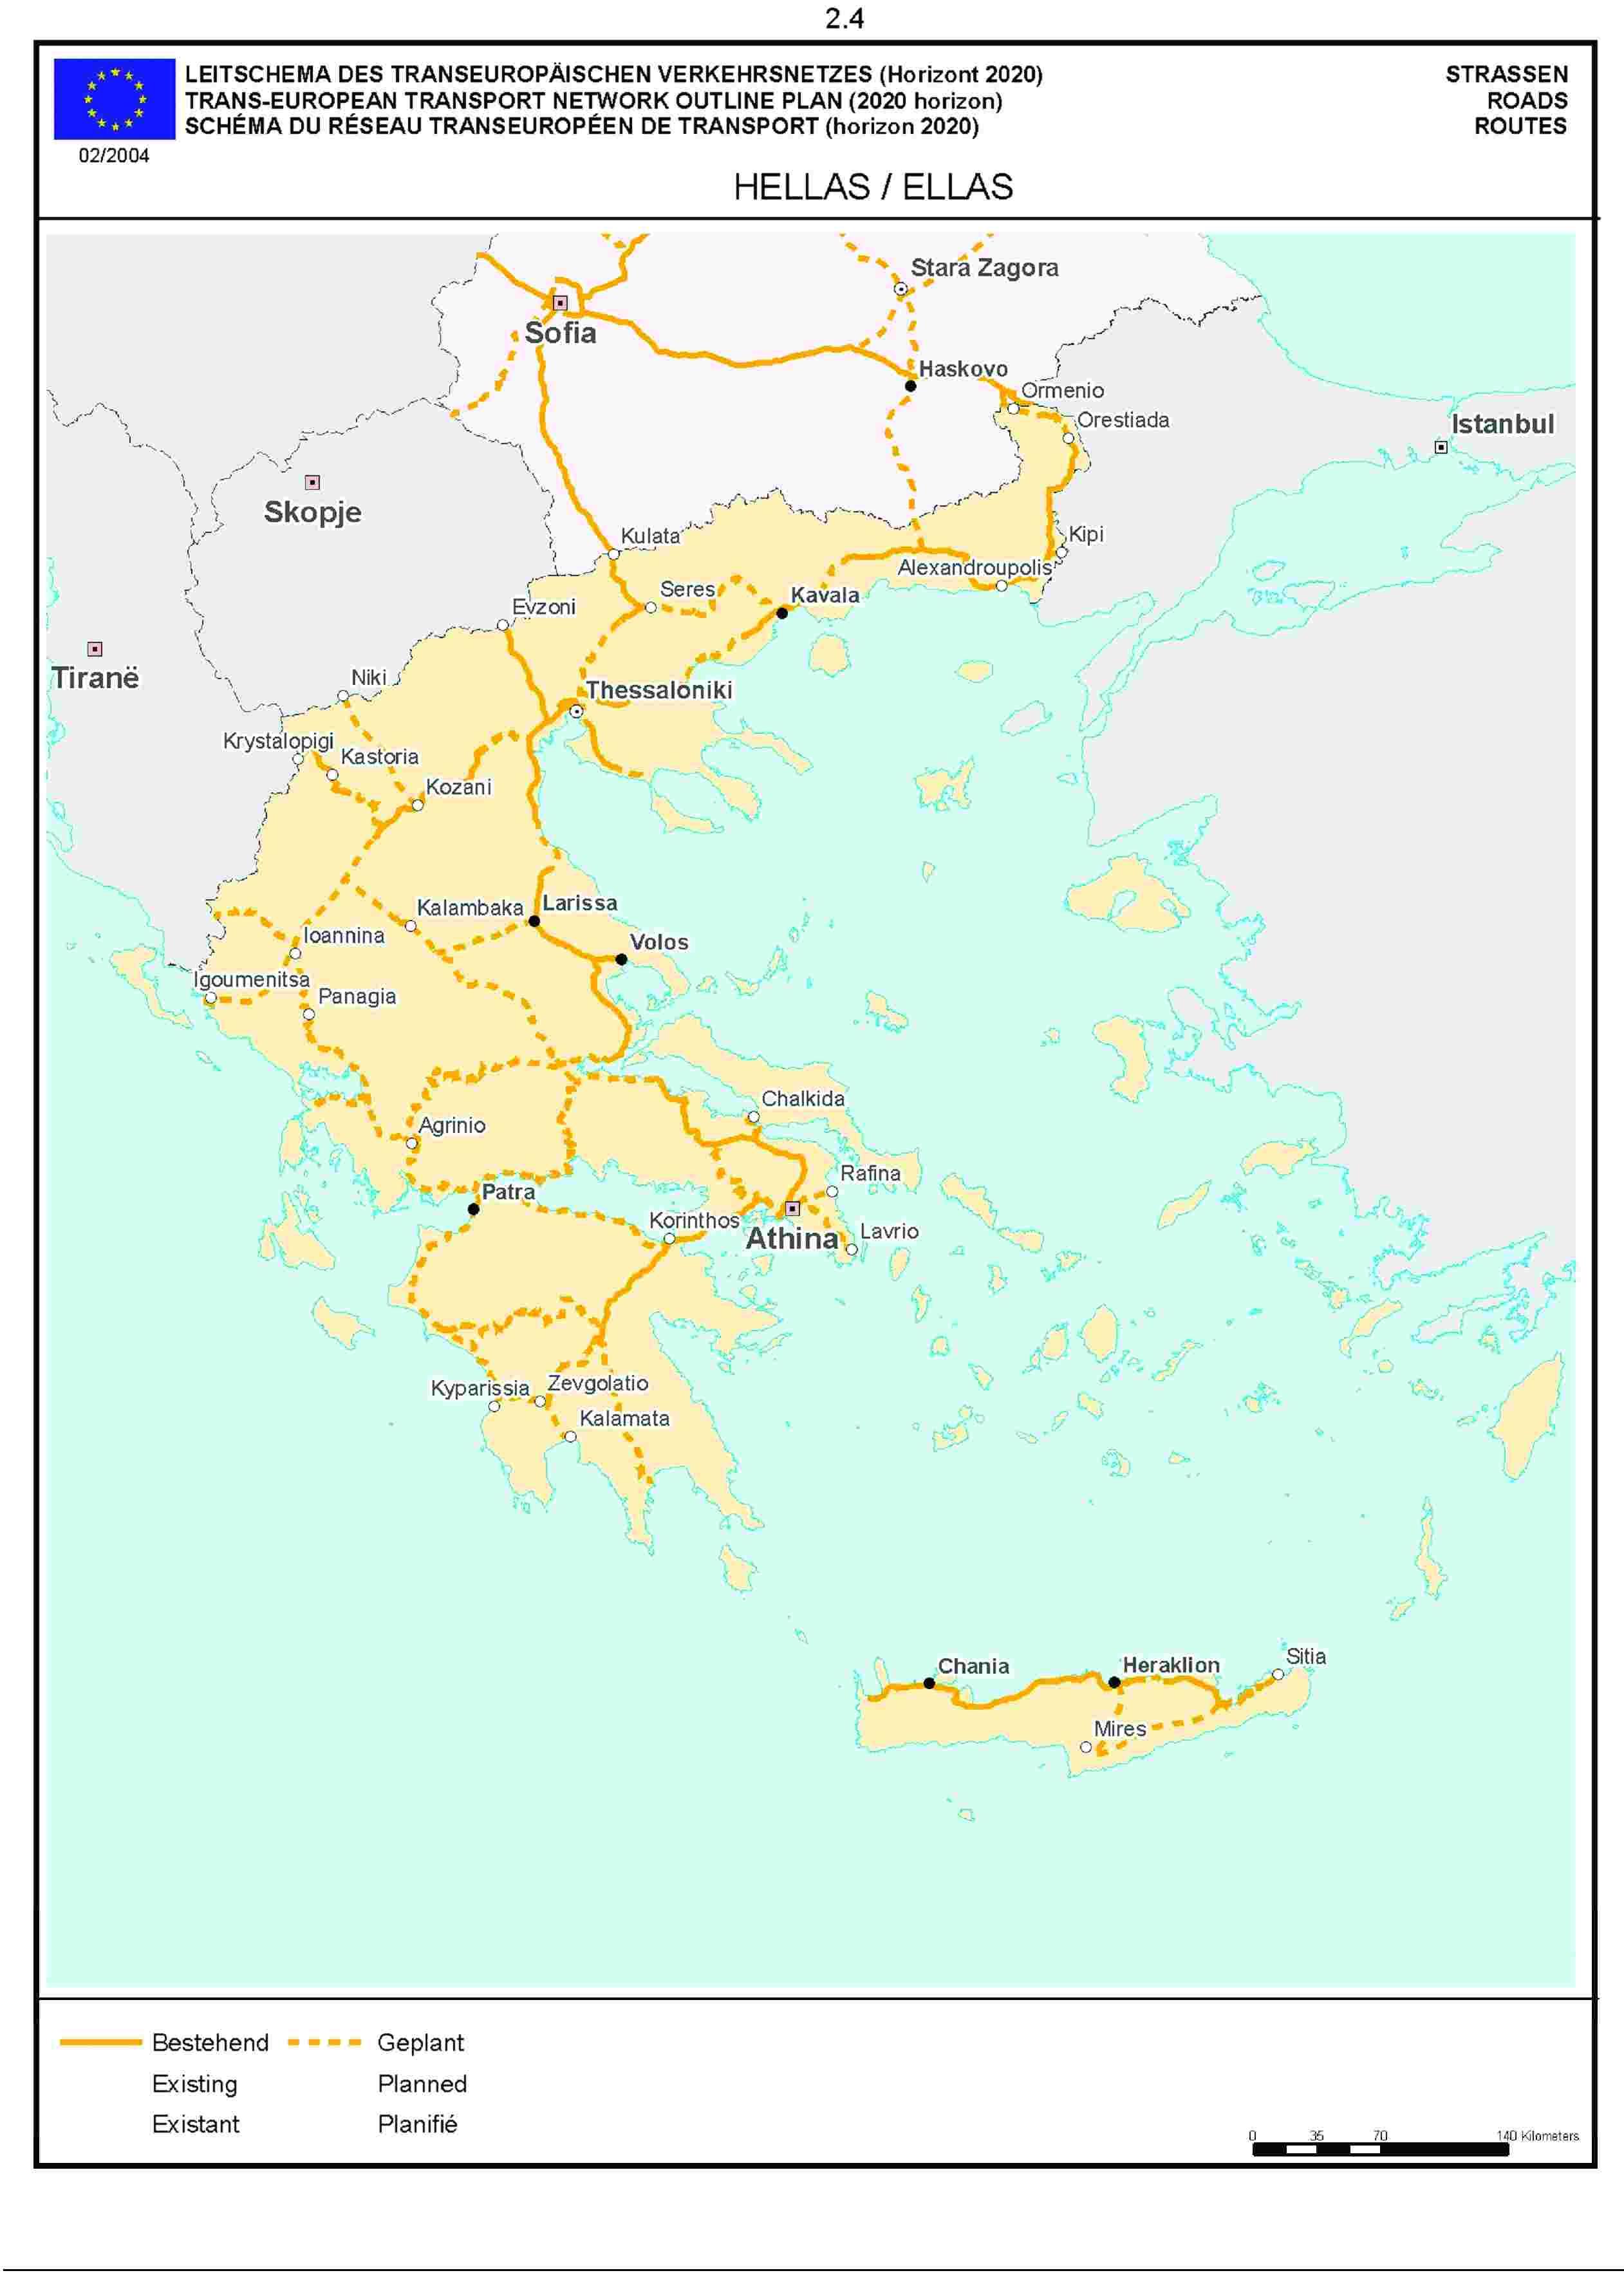 2.4LEITSCHEMA DES TRANSEUROPÄISCHEN VERKEHRSNETZES (Horizont 2020) STRASSENTRANS-EUROPEAN TRANSPORT NETWORK OUTLINE PLAN (2020 horizon) ROADSSCHÉMA DU RÉSEAU TRANSEUROPÉEN DE TRANSPORT (horizon 2020) ROUTE02/2004HELLAS / ELLAS